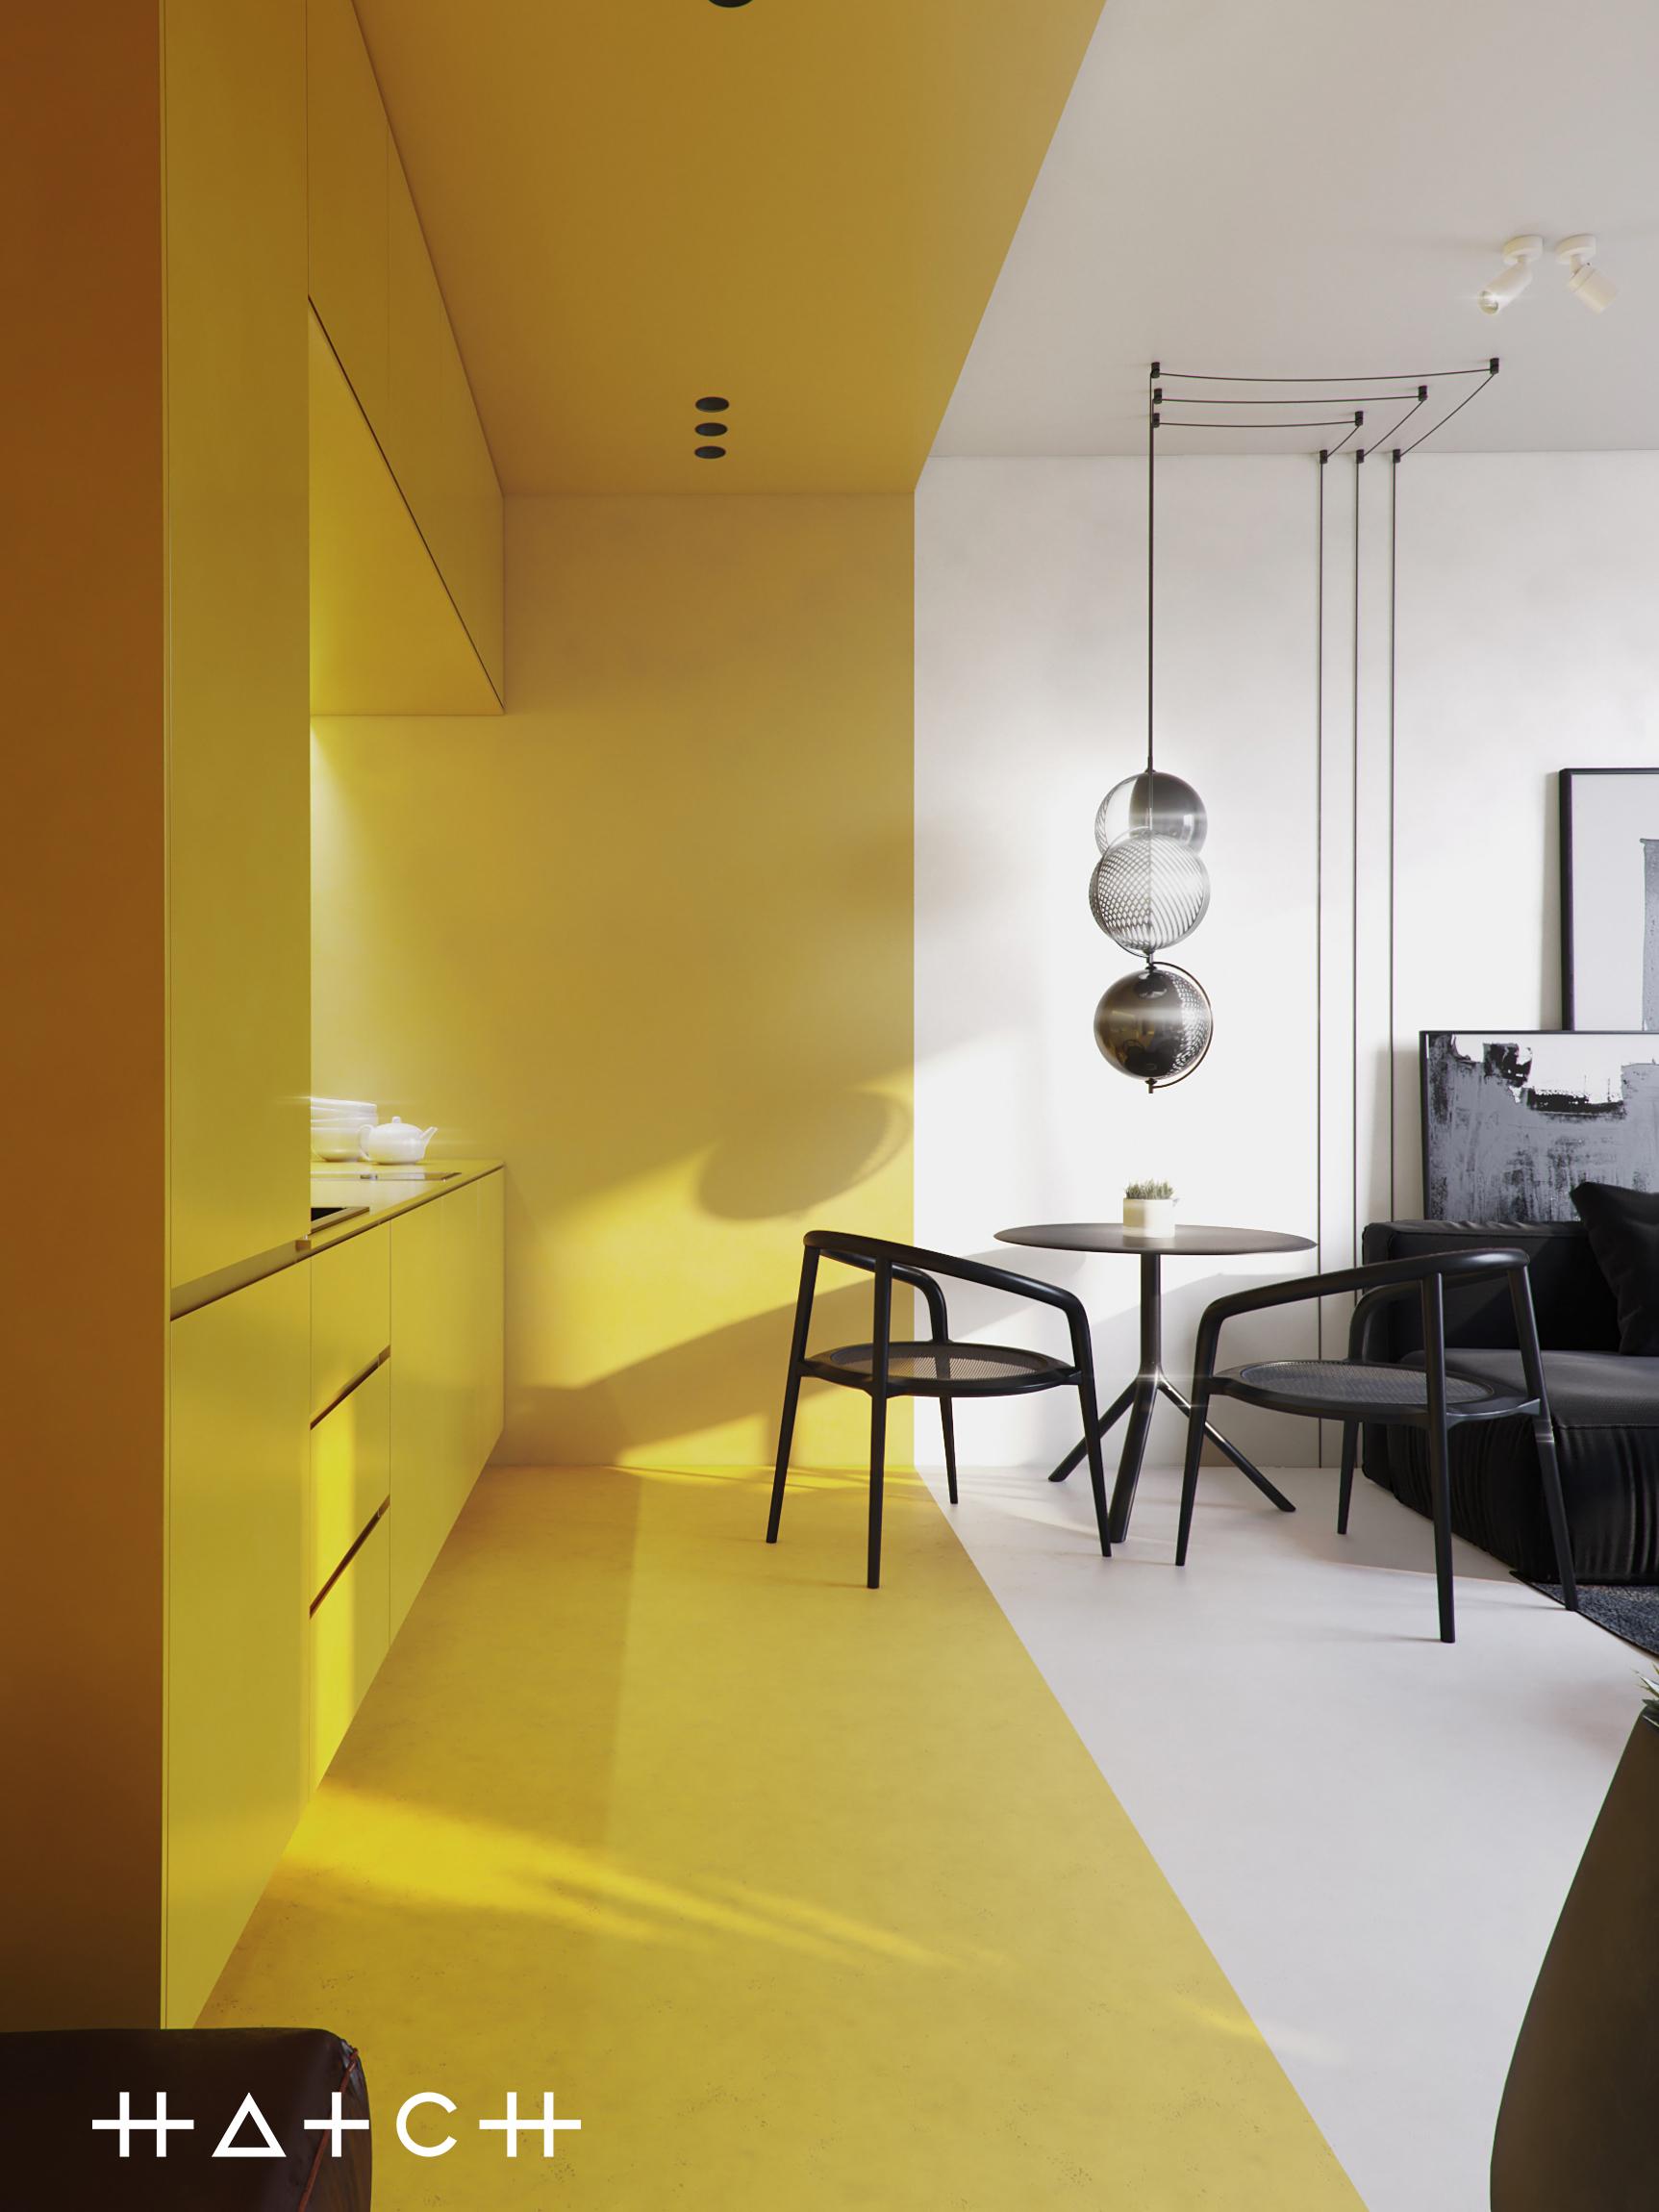 Małe przestrzenie warszawska kawalerka w odważnych kolorach